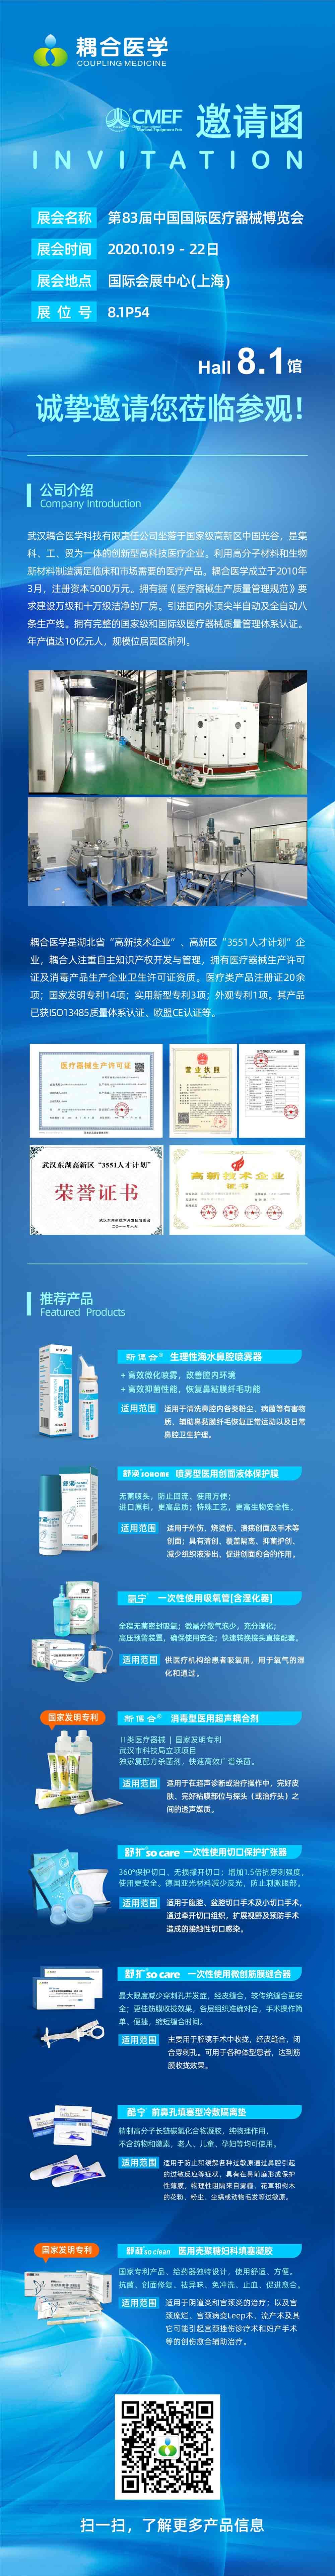 第83届中国国际医疗器械博览会-耦合医学期待与您的相遇